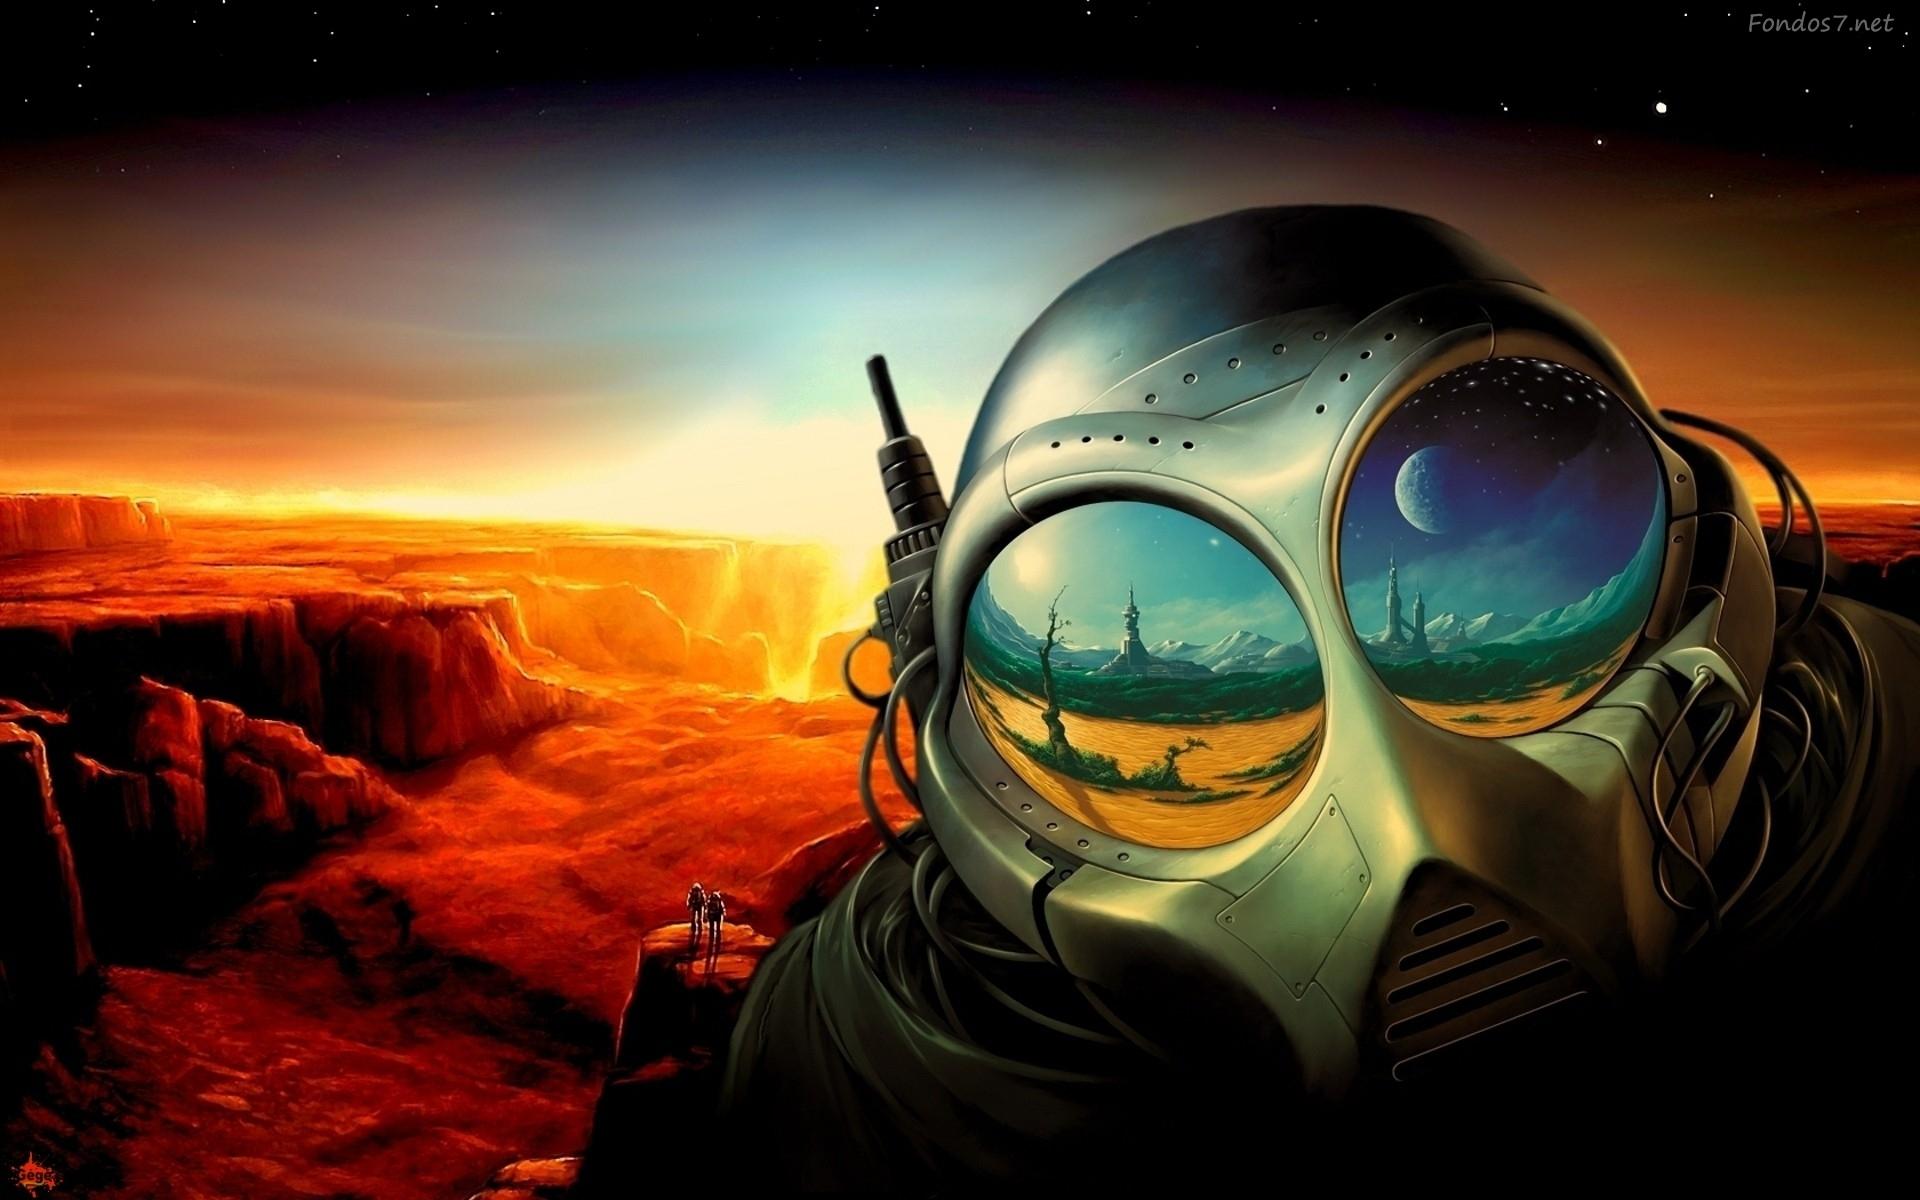 Fondos de pantalla extraterrestre hd widescreen Gratis imagenes 3734 1920x1200